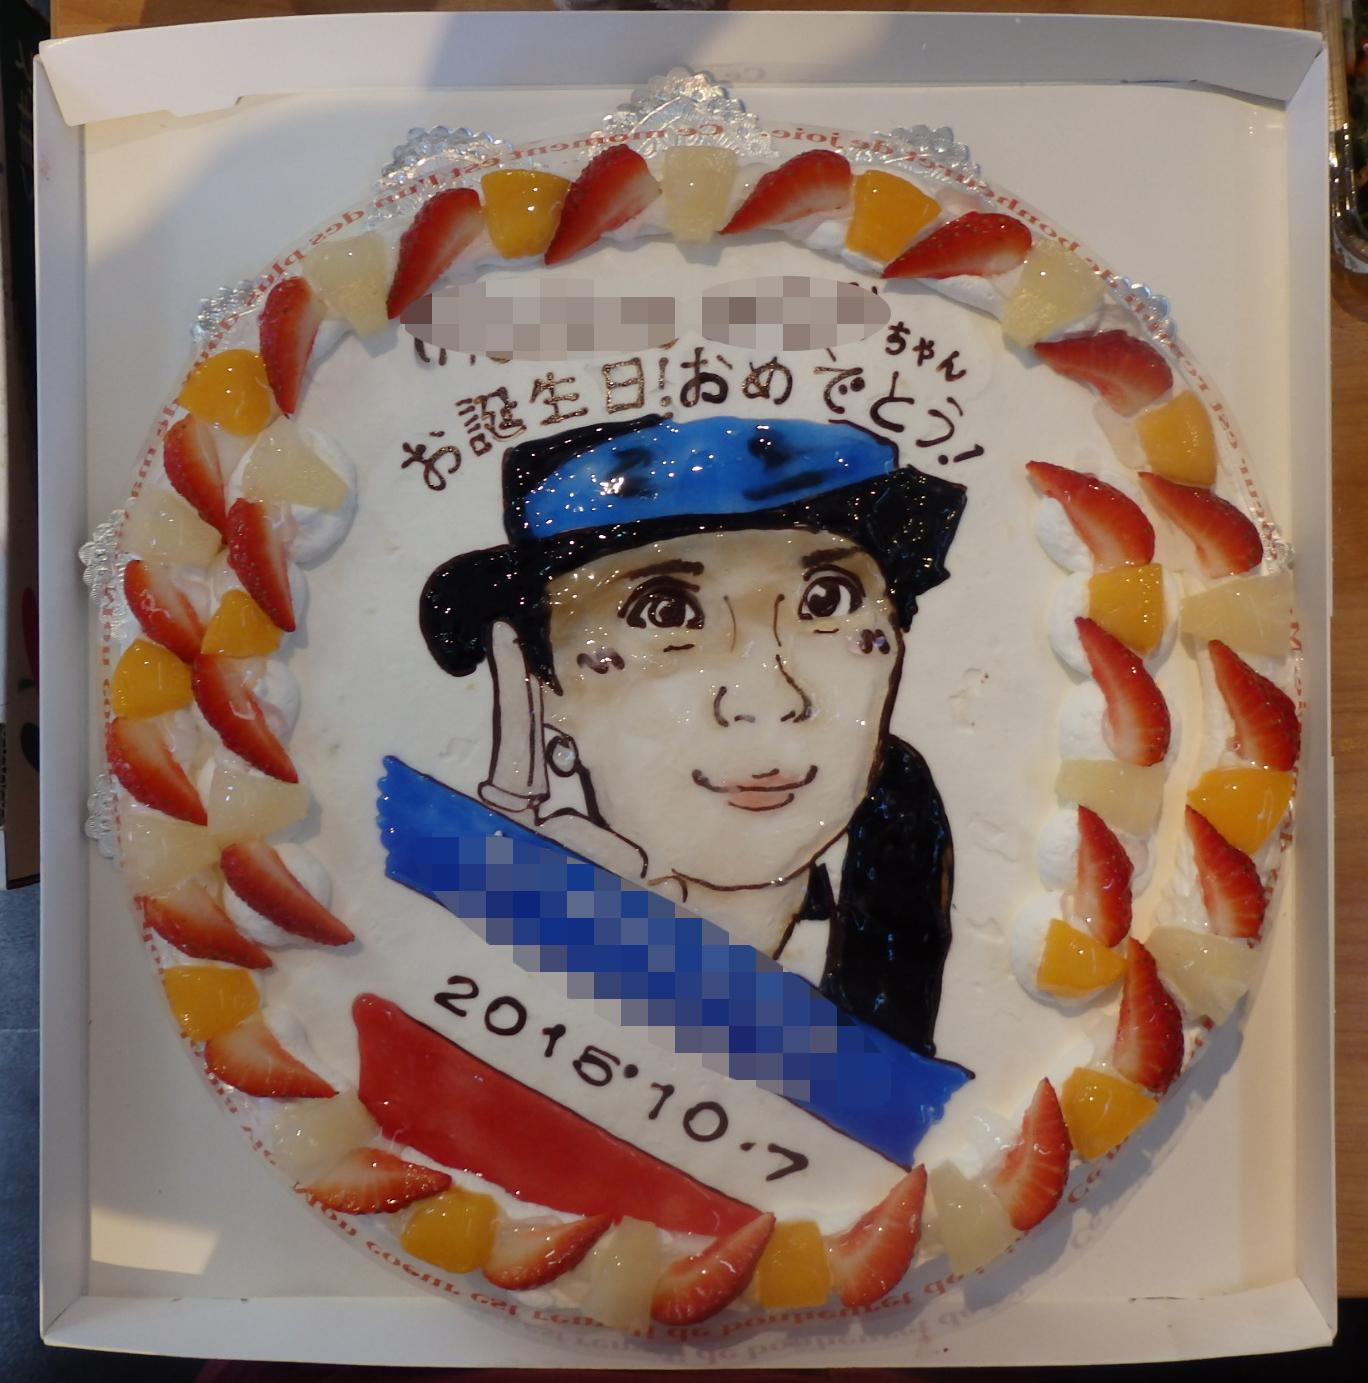 似顔絵ケーキ 5号 15cmの画像3枚目